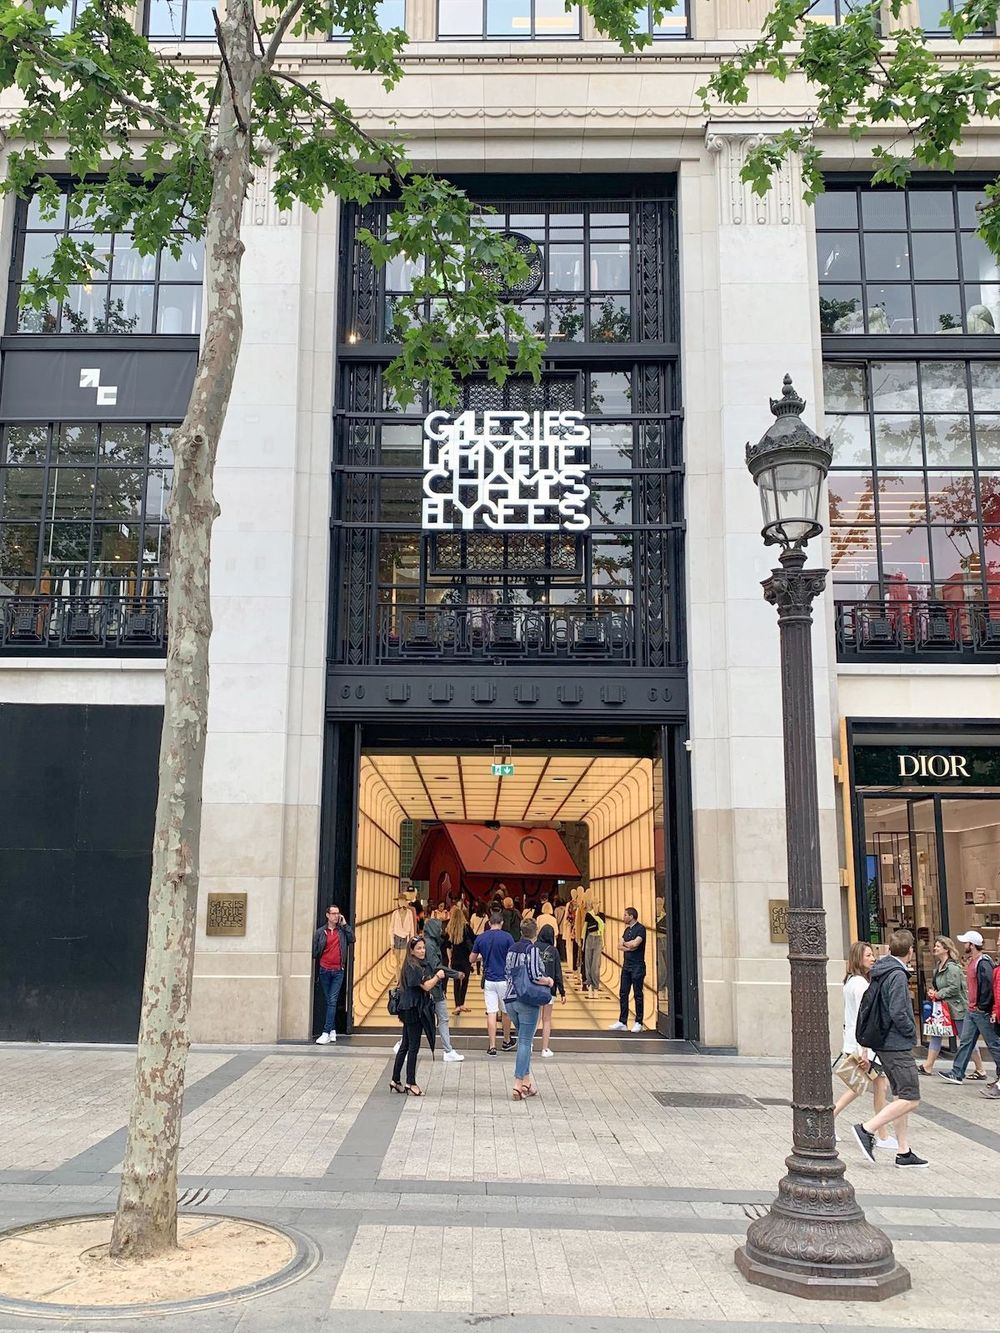 Galeries Lafayette Champs Elysées